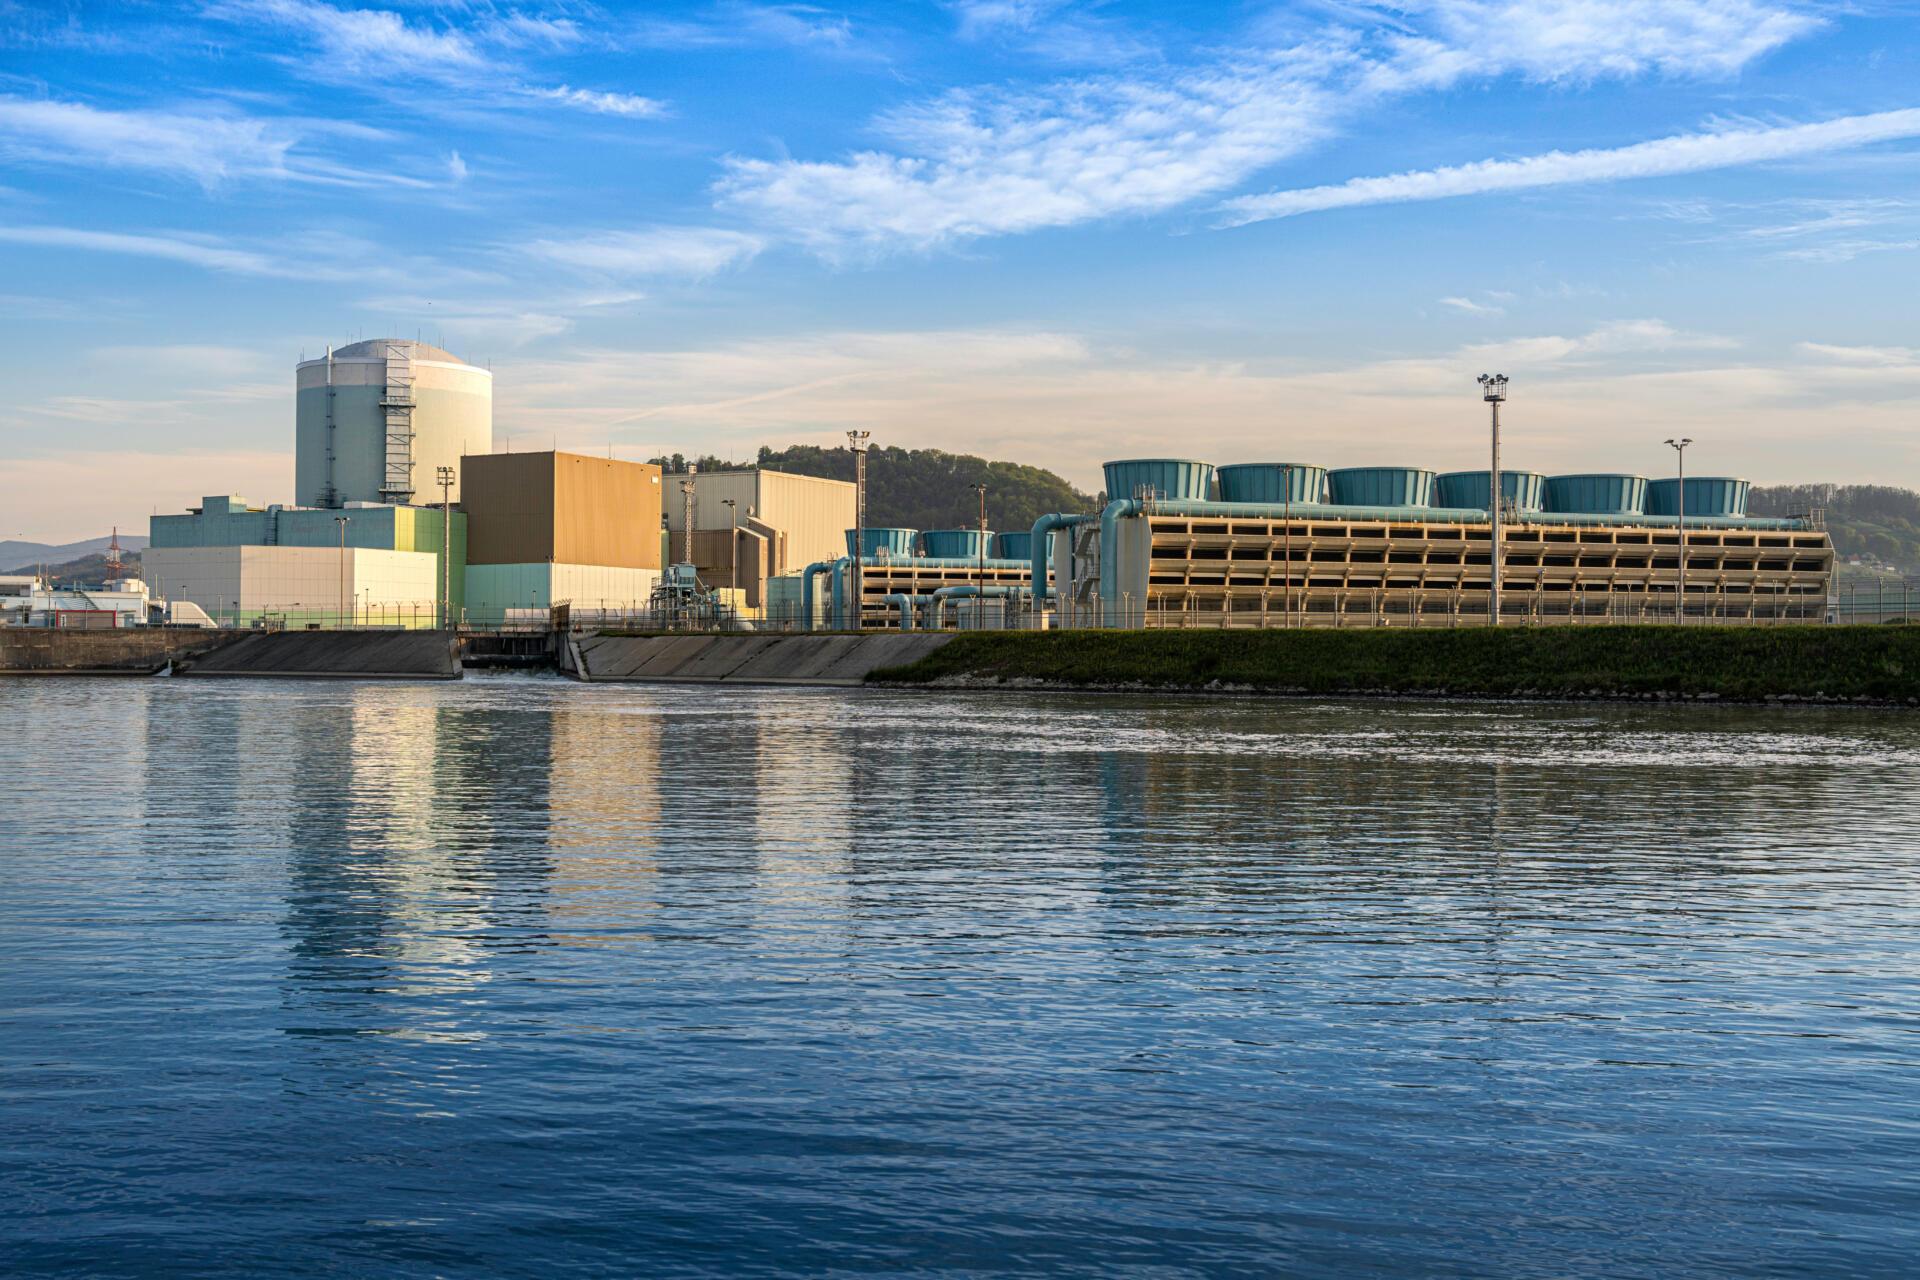 Nuklearka v Krškem bi lahko kmalu dobila drugi blok